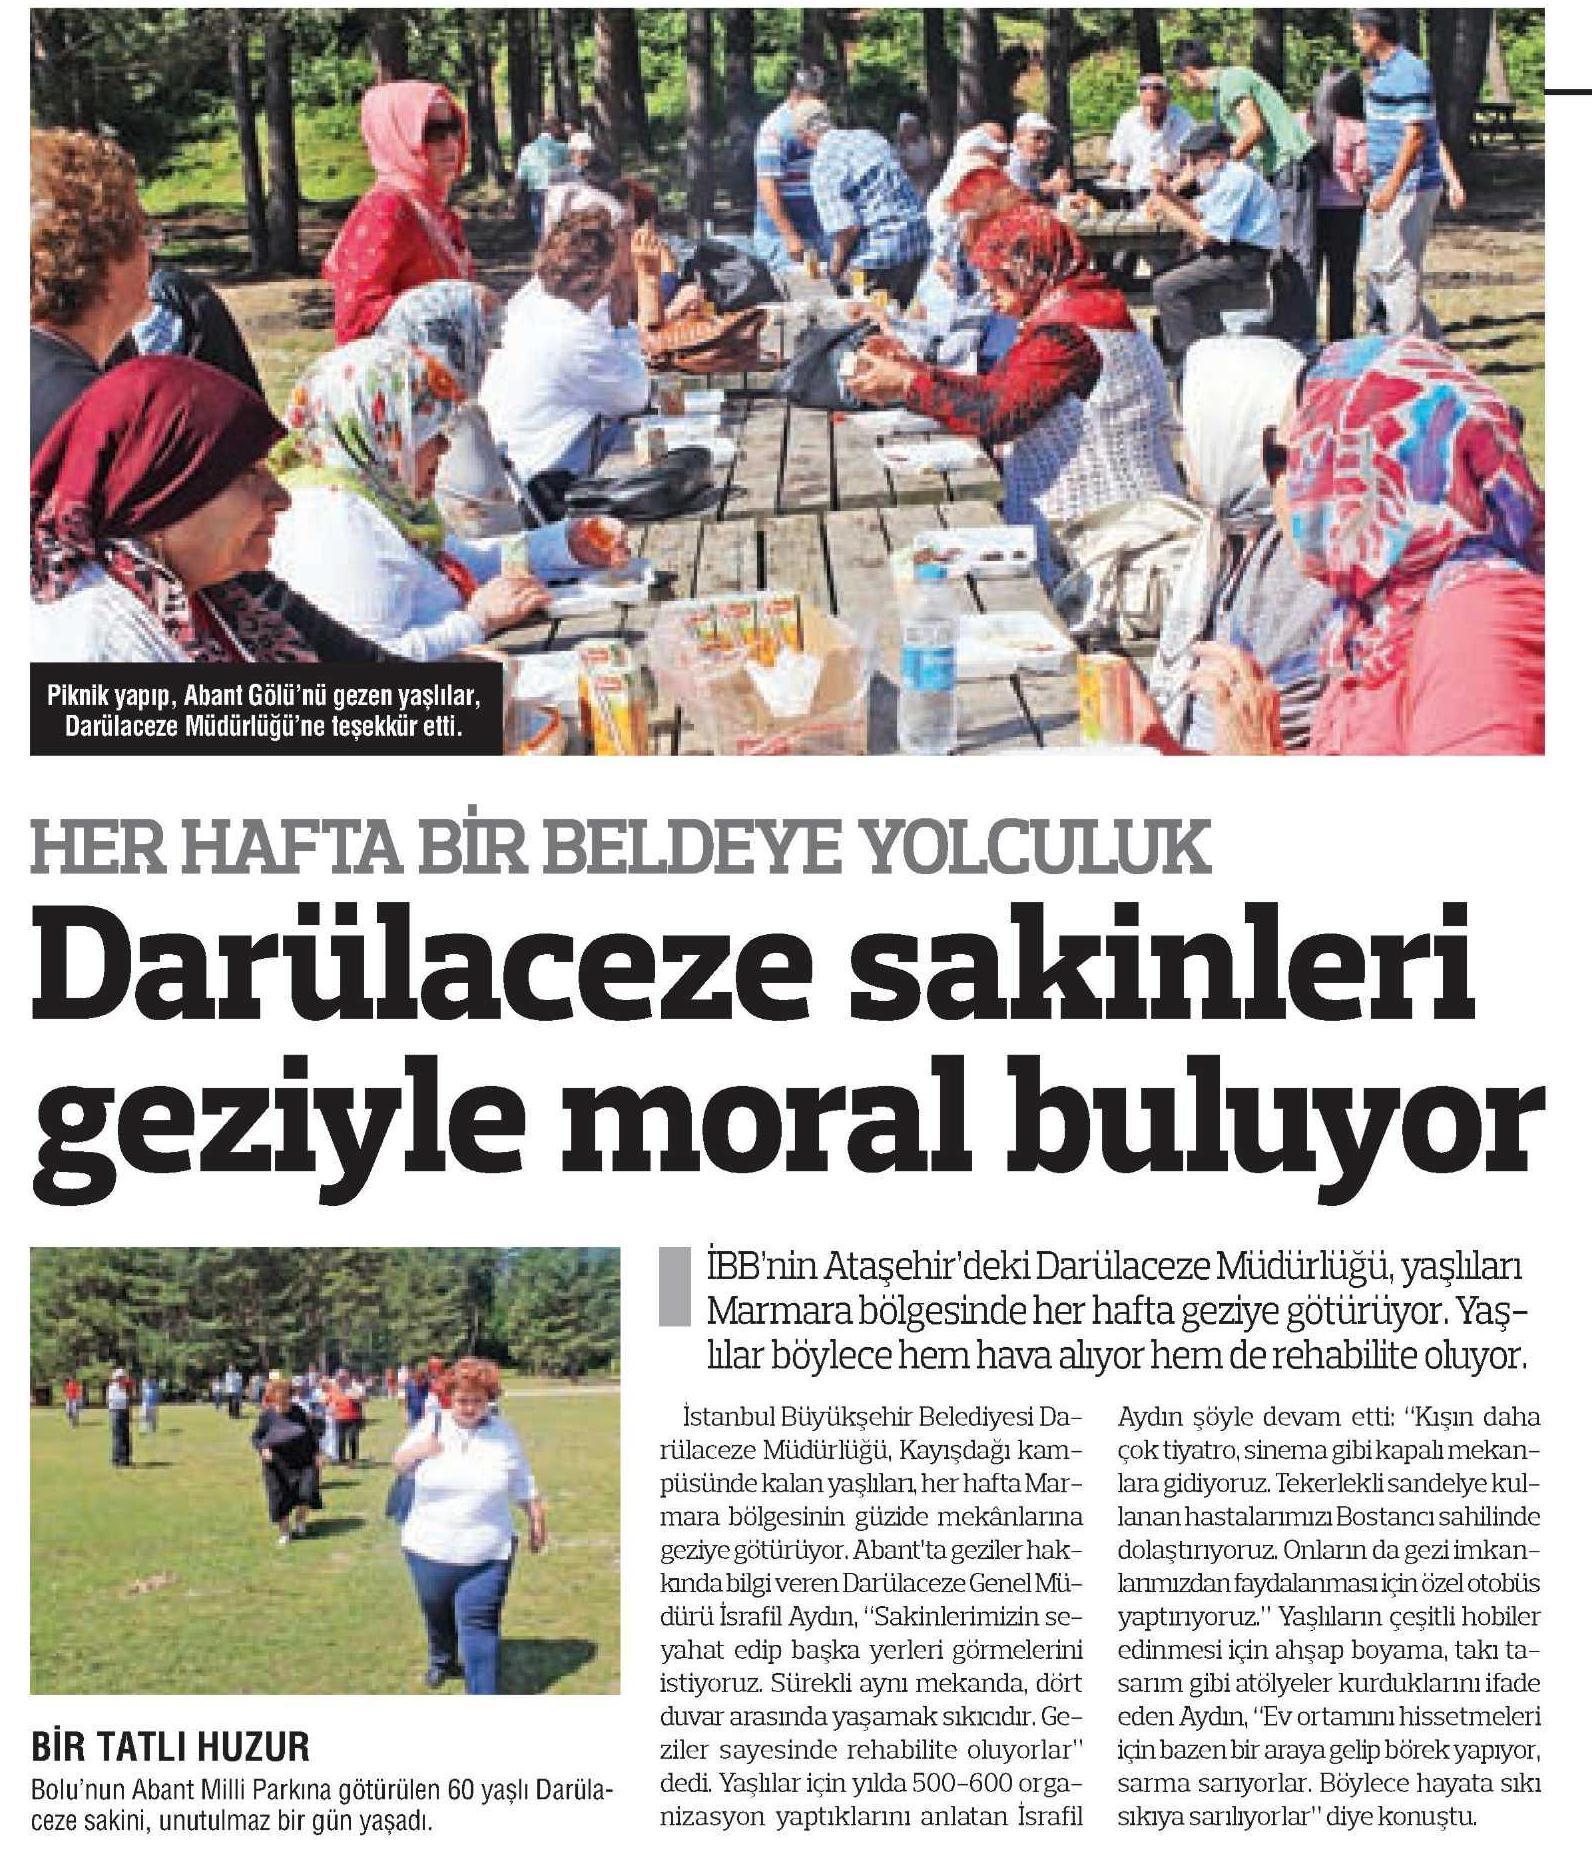 21.07.2012_turkiye_darulaceze_gezi